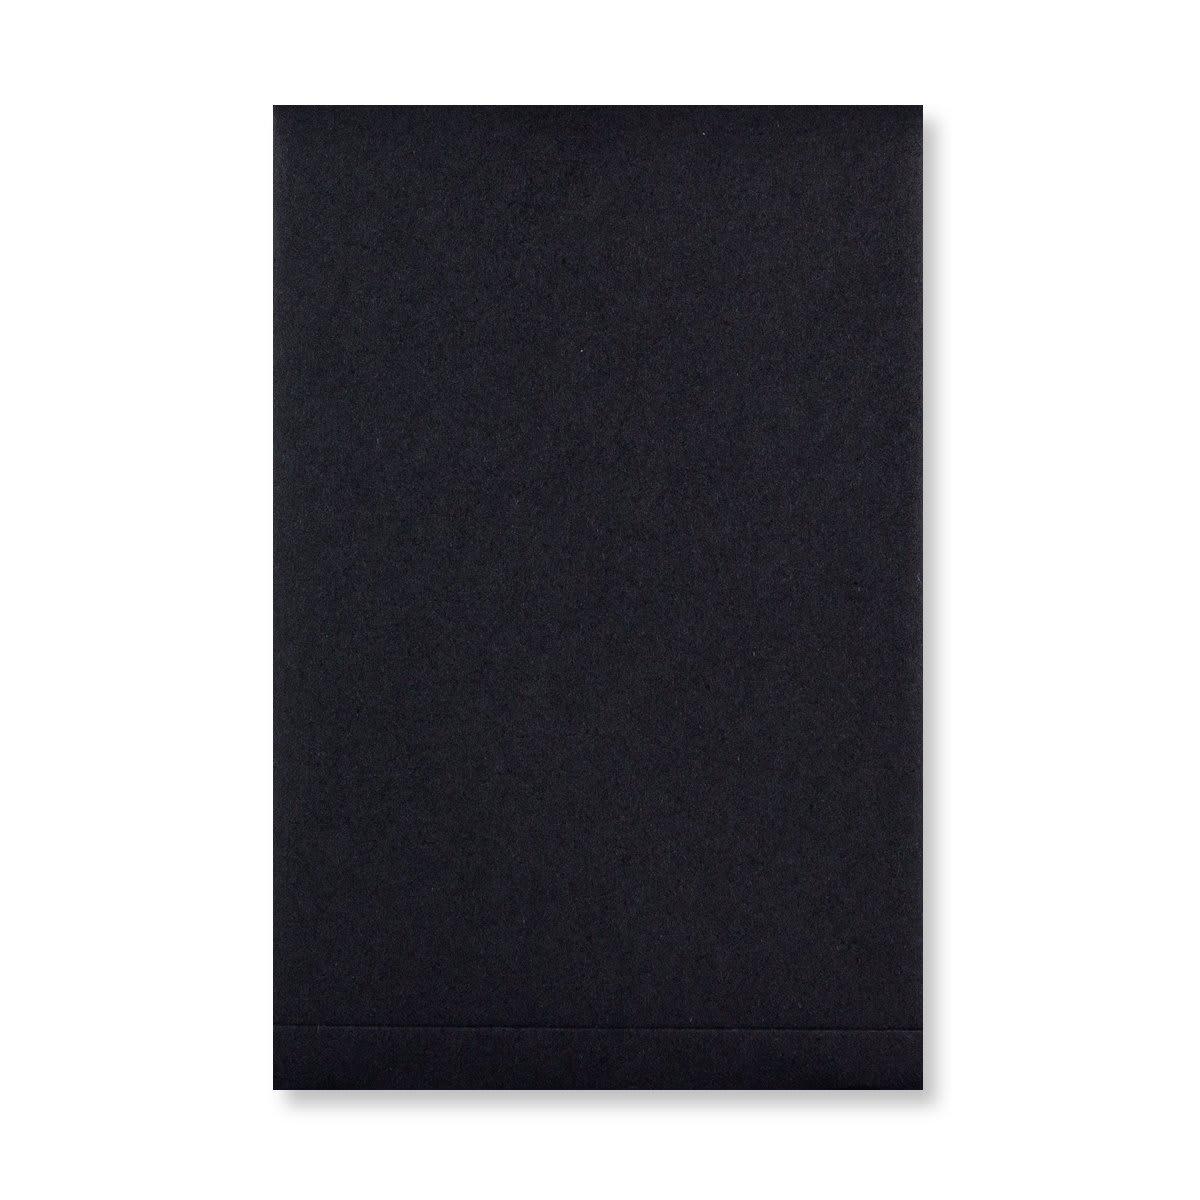 C6 BLACK GUSSET STRING & WASHER ENVELOPES 180GSM